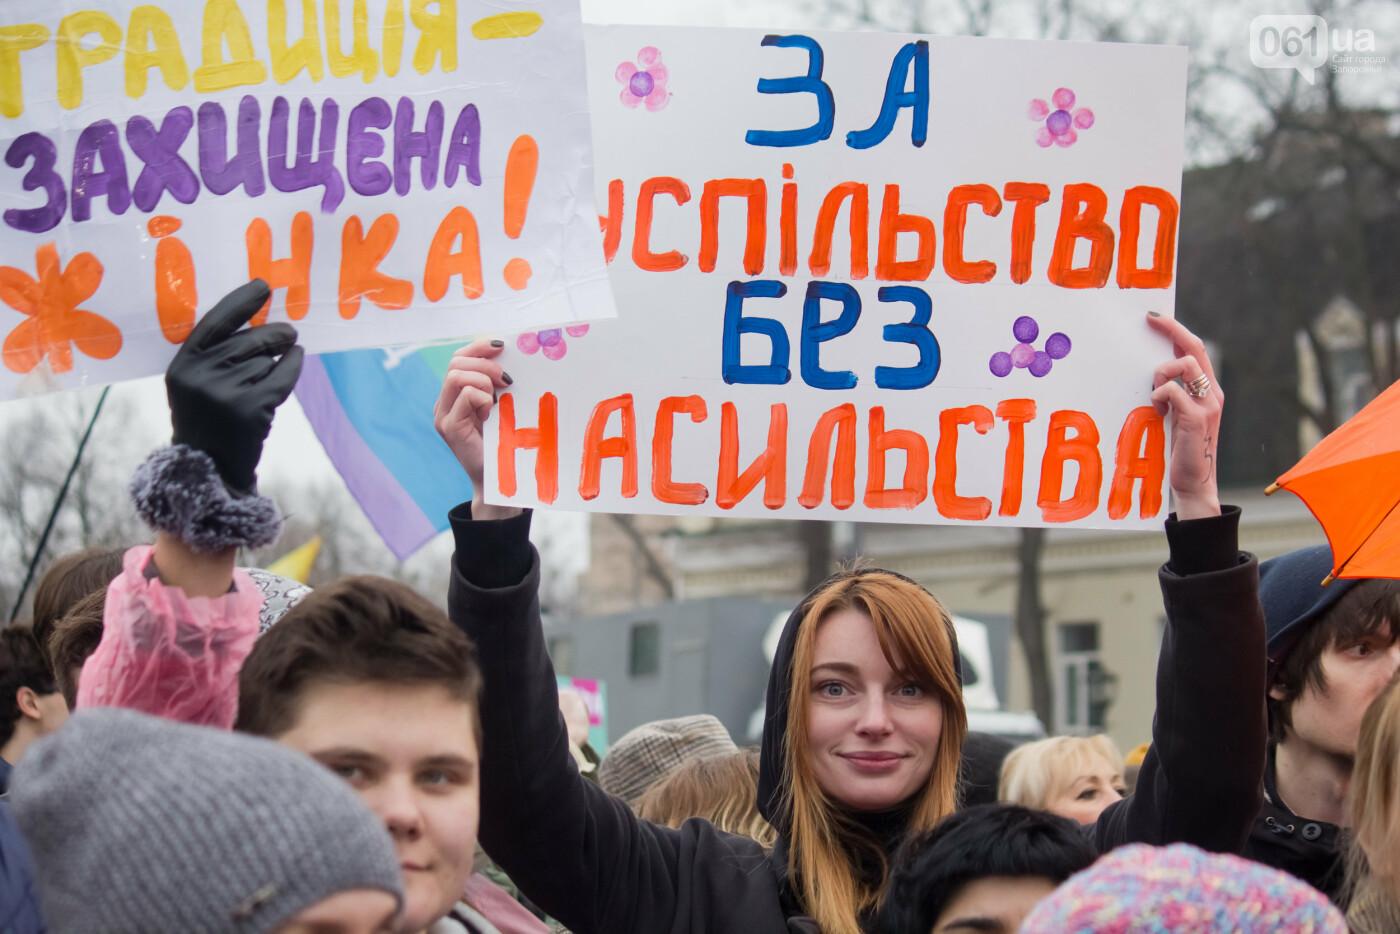 5 историй запорожцев, которые вышли на Марш женщин в Киеве: почему для них это важно, - ФОТОРЕПОРТАЖ, фото-7